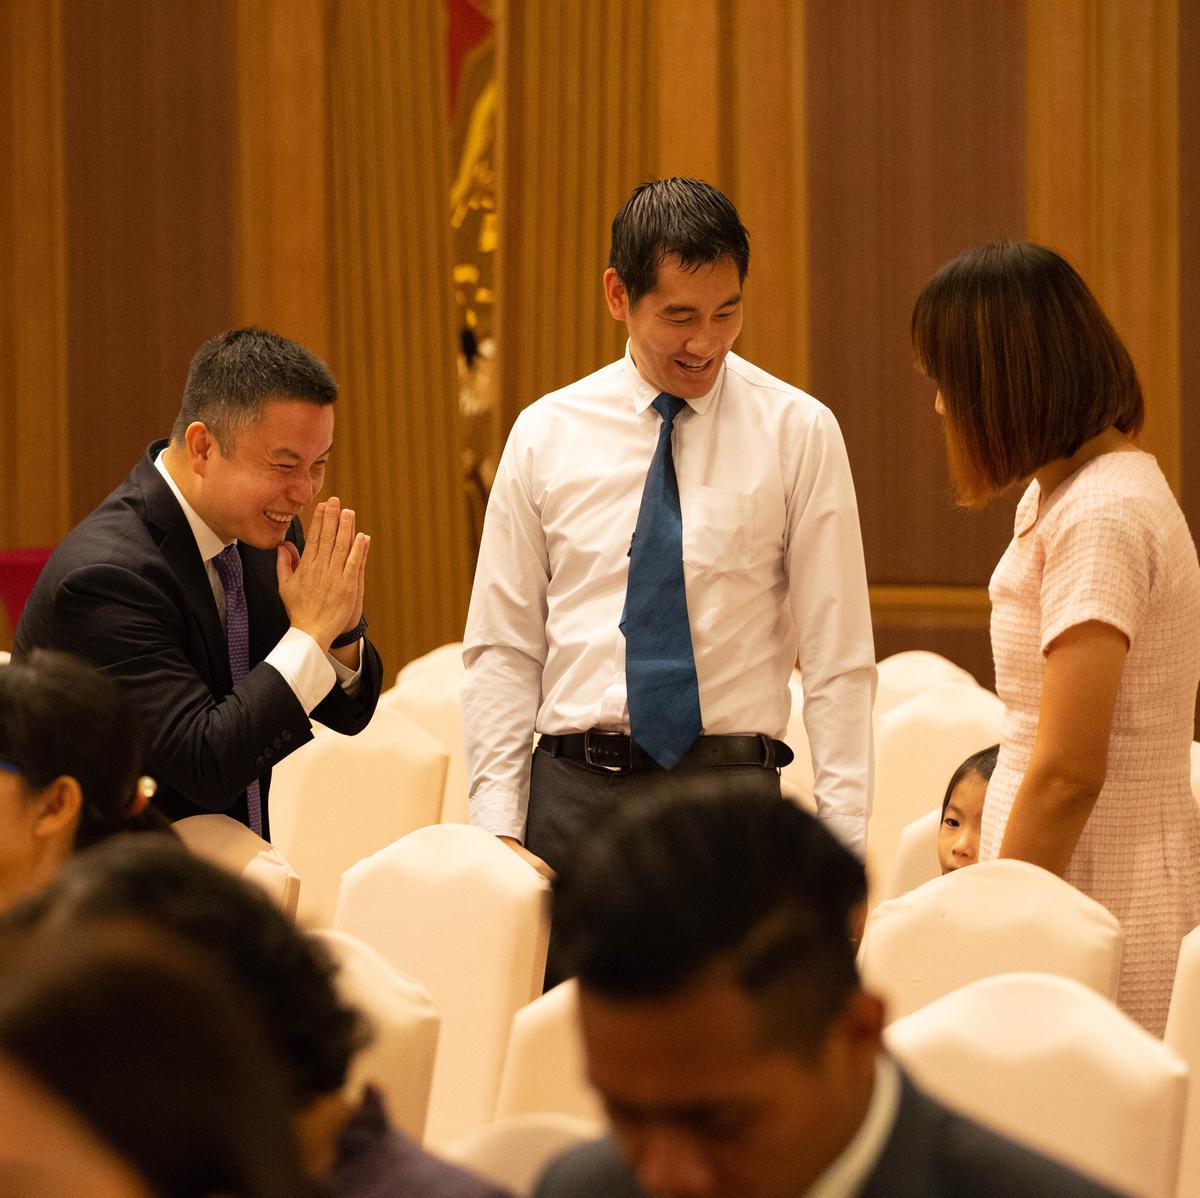 สมาชิกทักทายกันที่การประชุมใหญ่พิเศษของสเตคกรุงเทพ ประเทศไทย